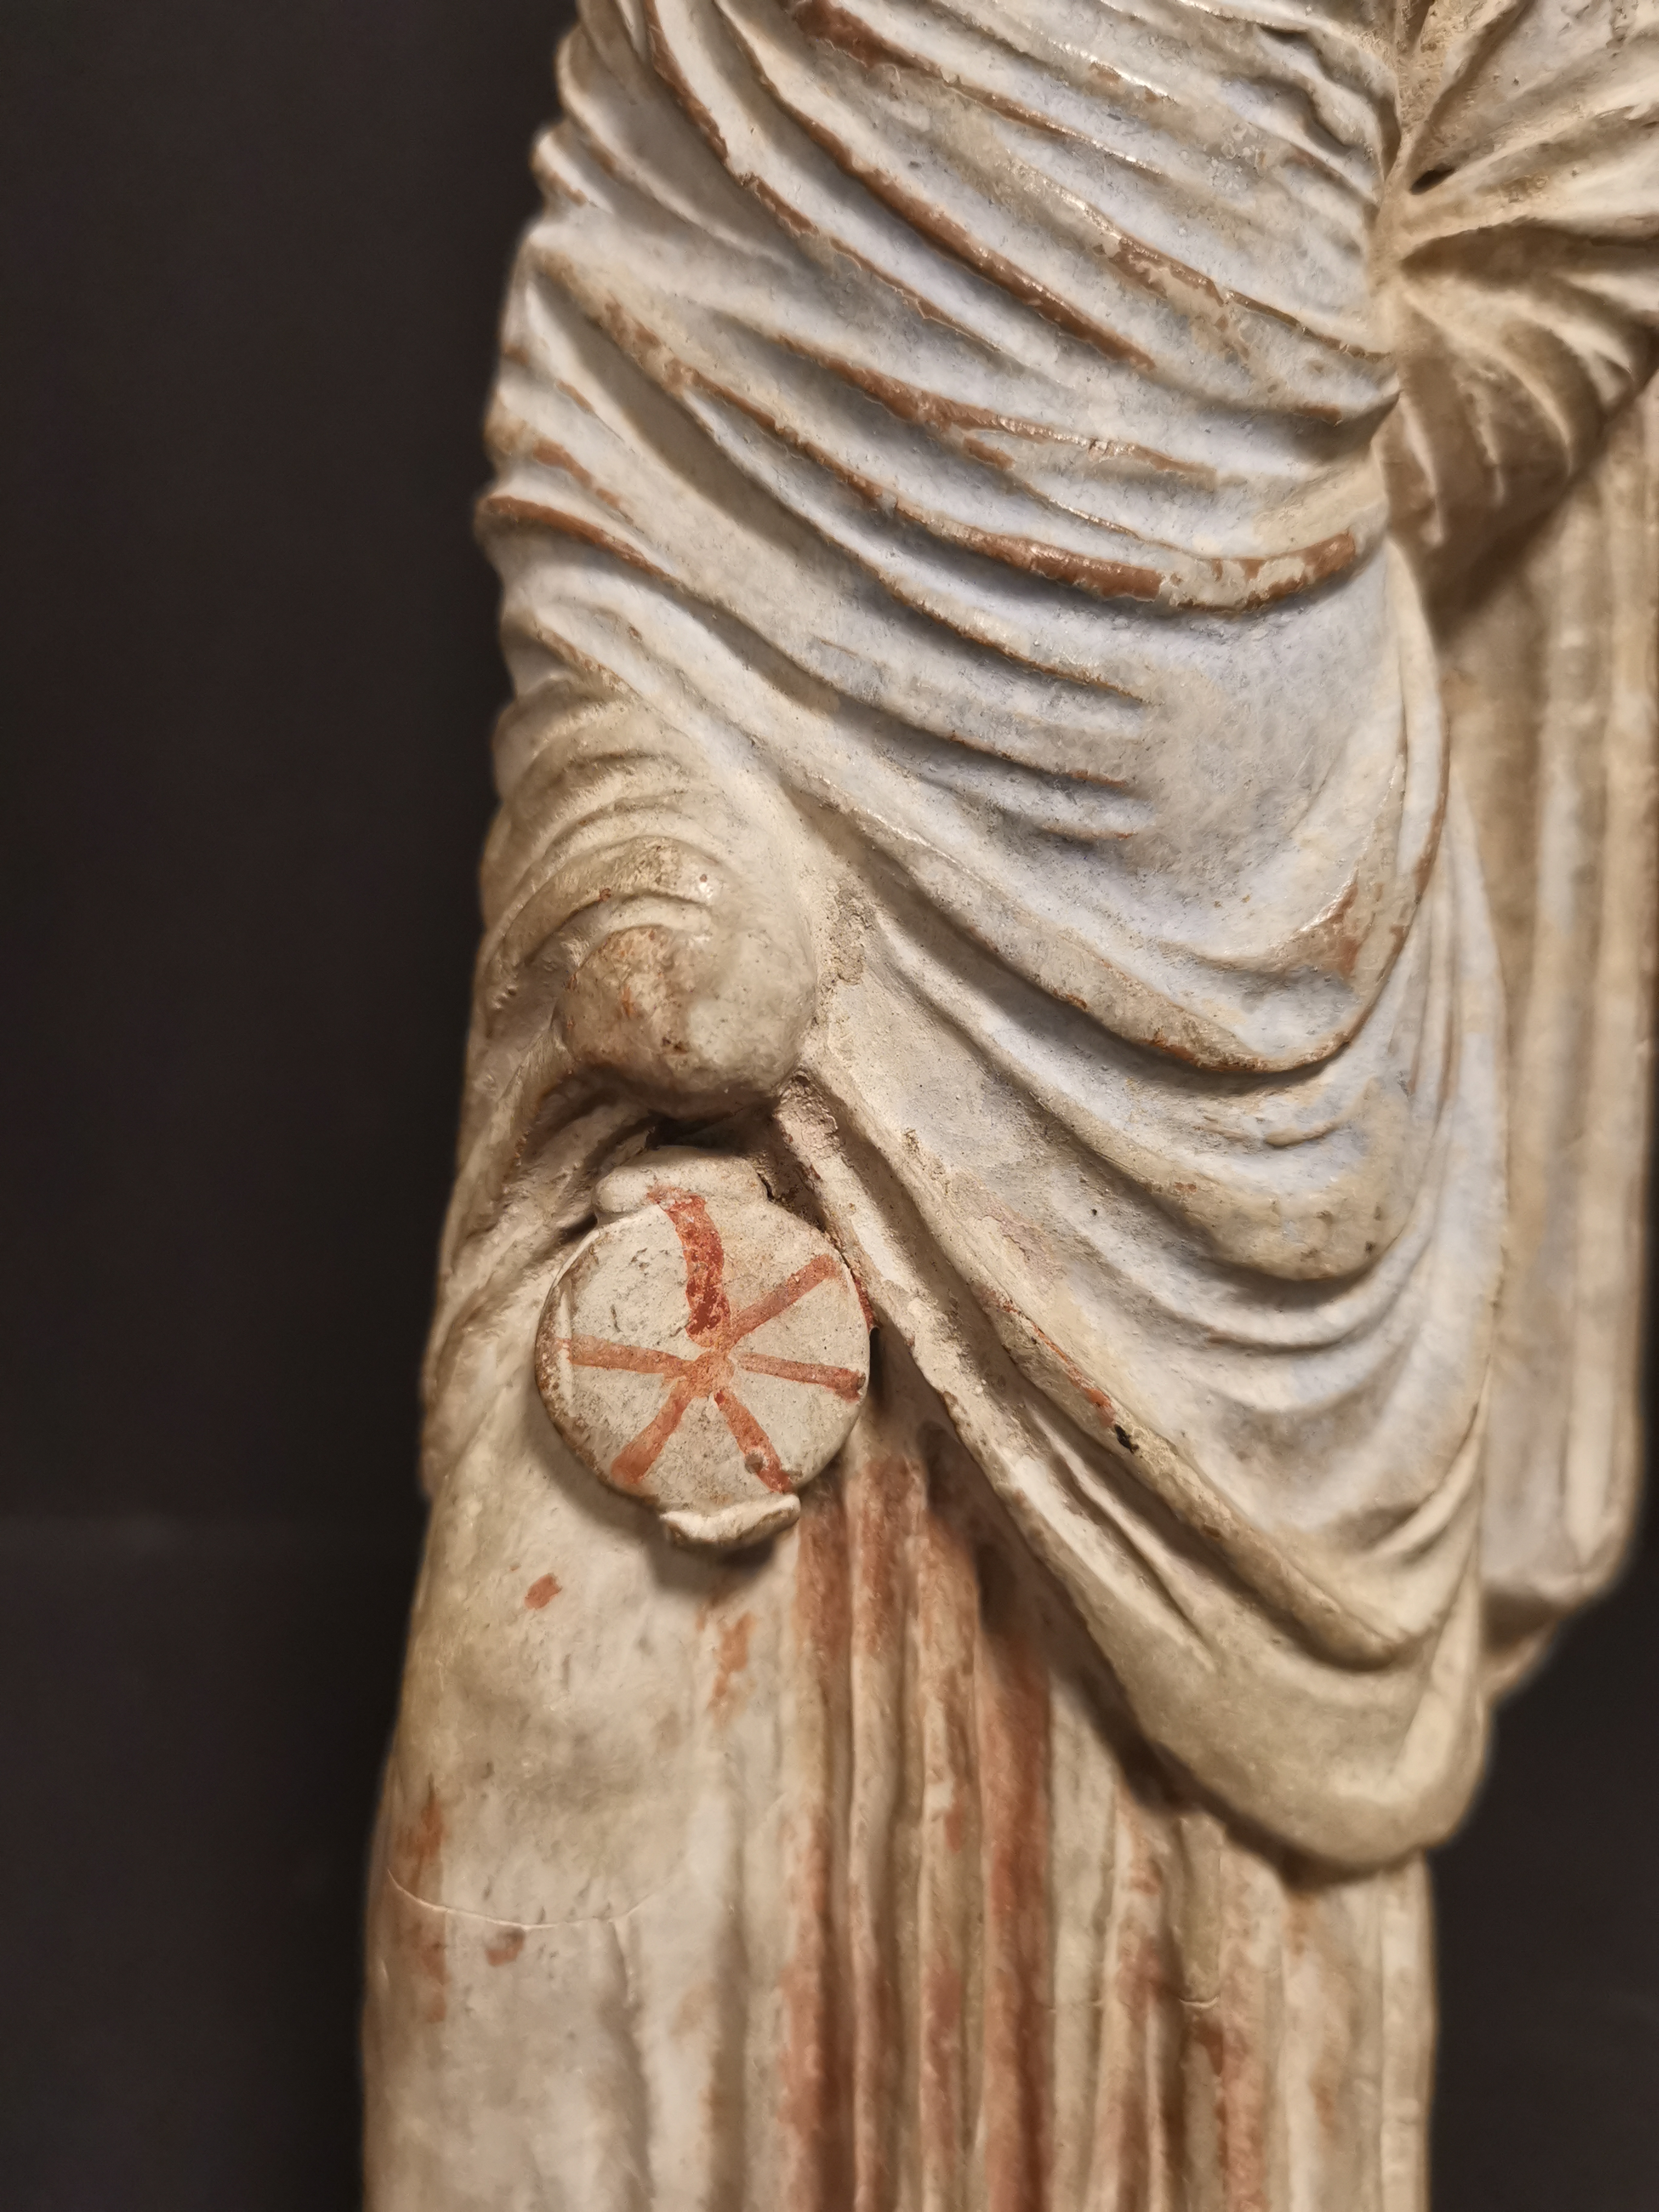 GRECE, dans le goût de. Tanagra en terre cuite représentant un personnage féminin [...] - Image 7 of 8